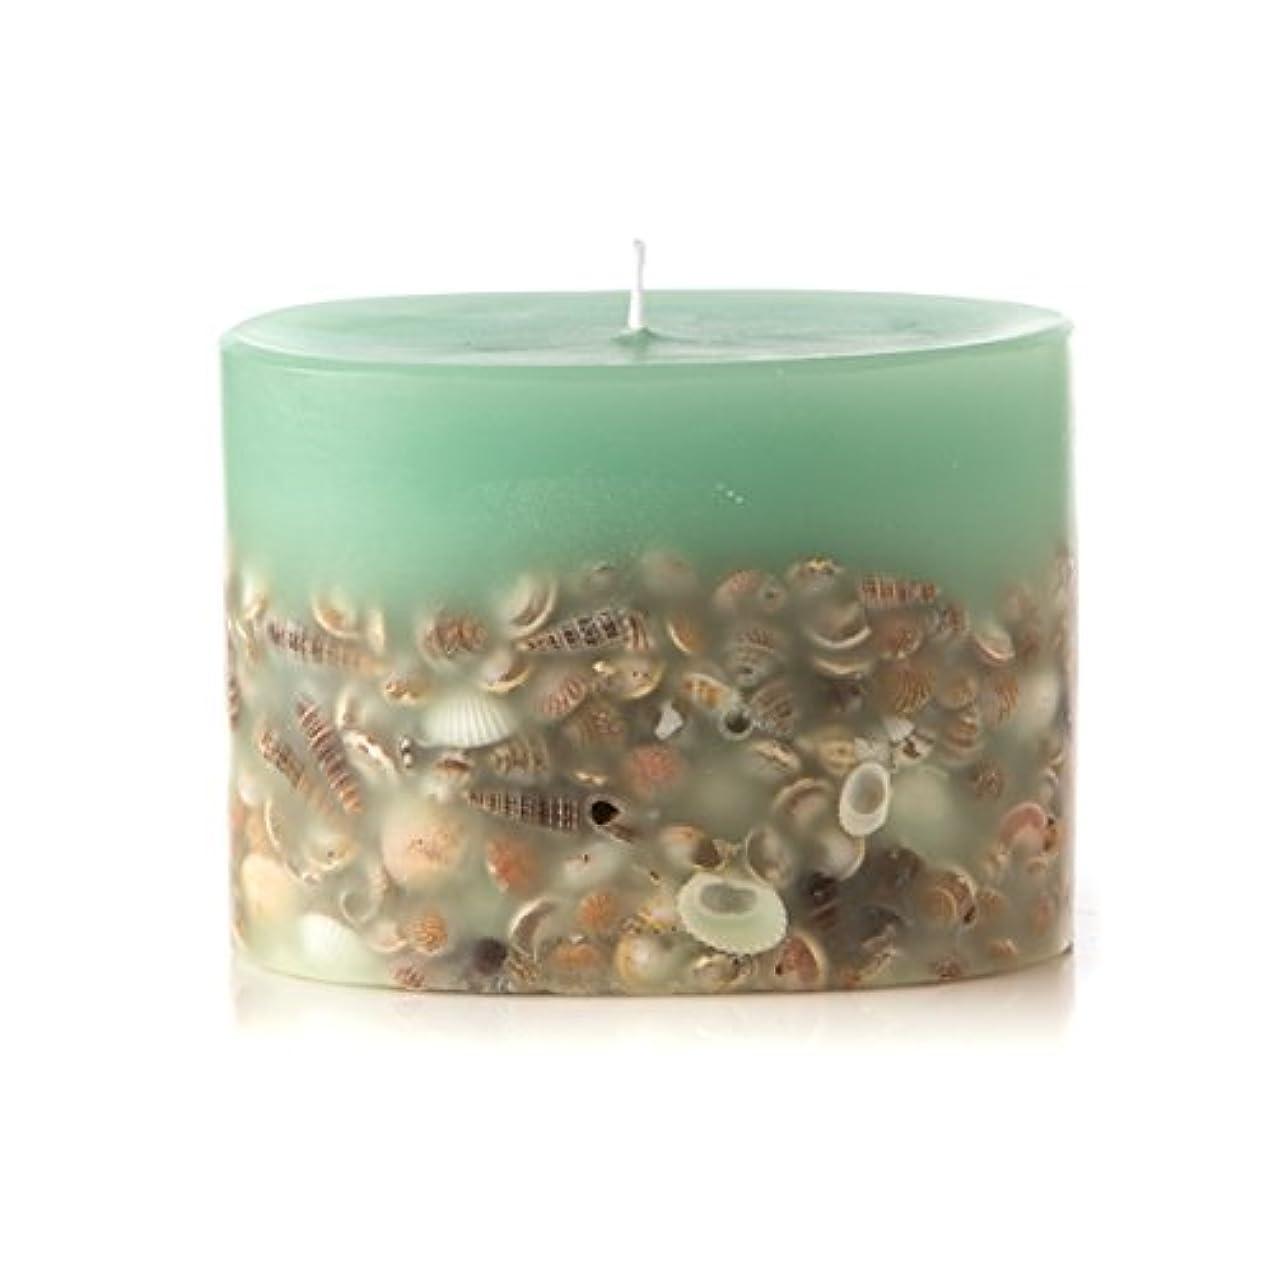 軽ヒョウ人類ロージーリングス プティボタニカルキャンドル シーグラス ROSY RINGS Petite Oval Botanical Candle Sea Glass